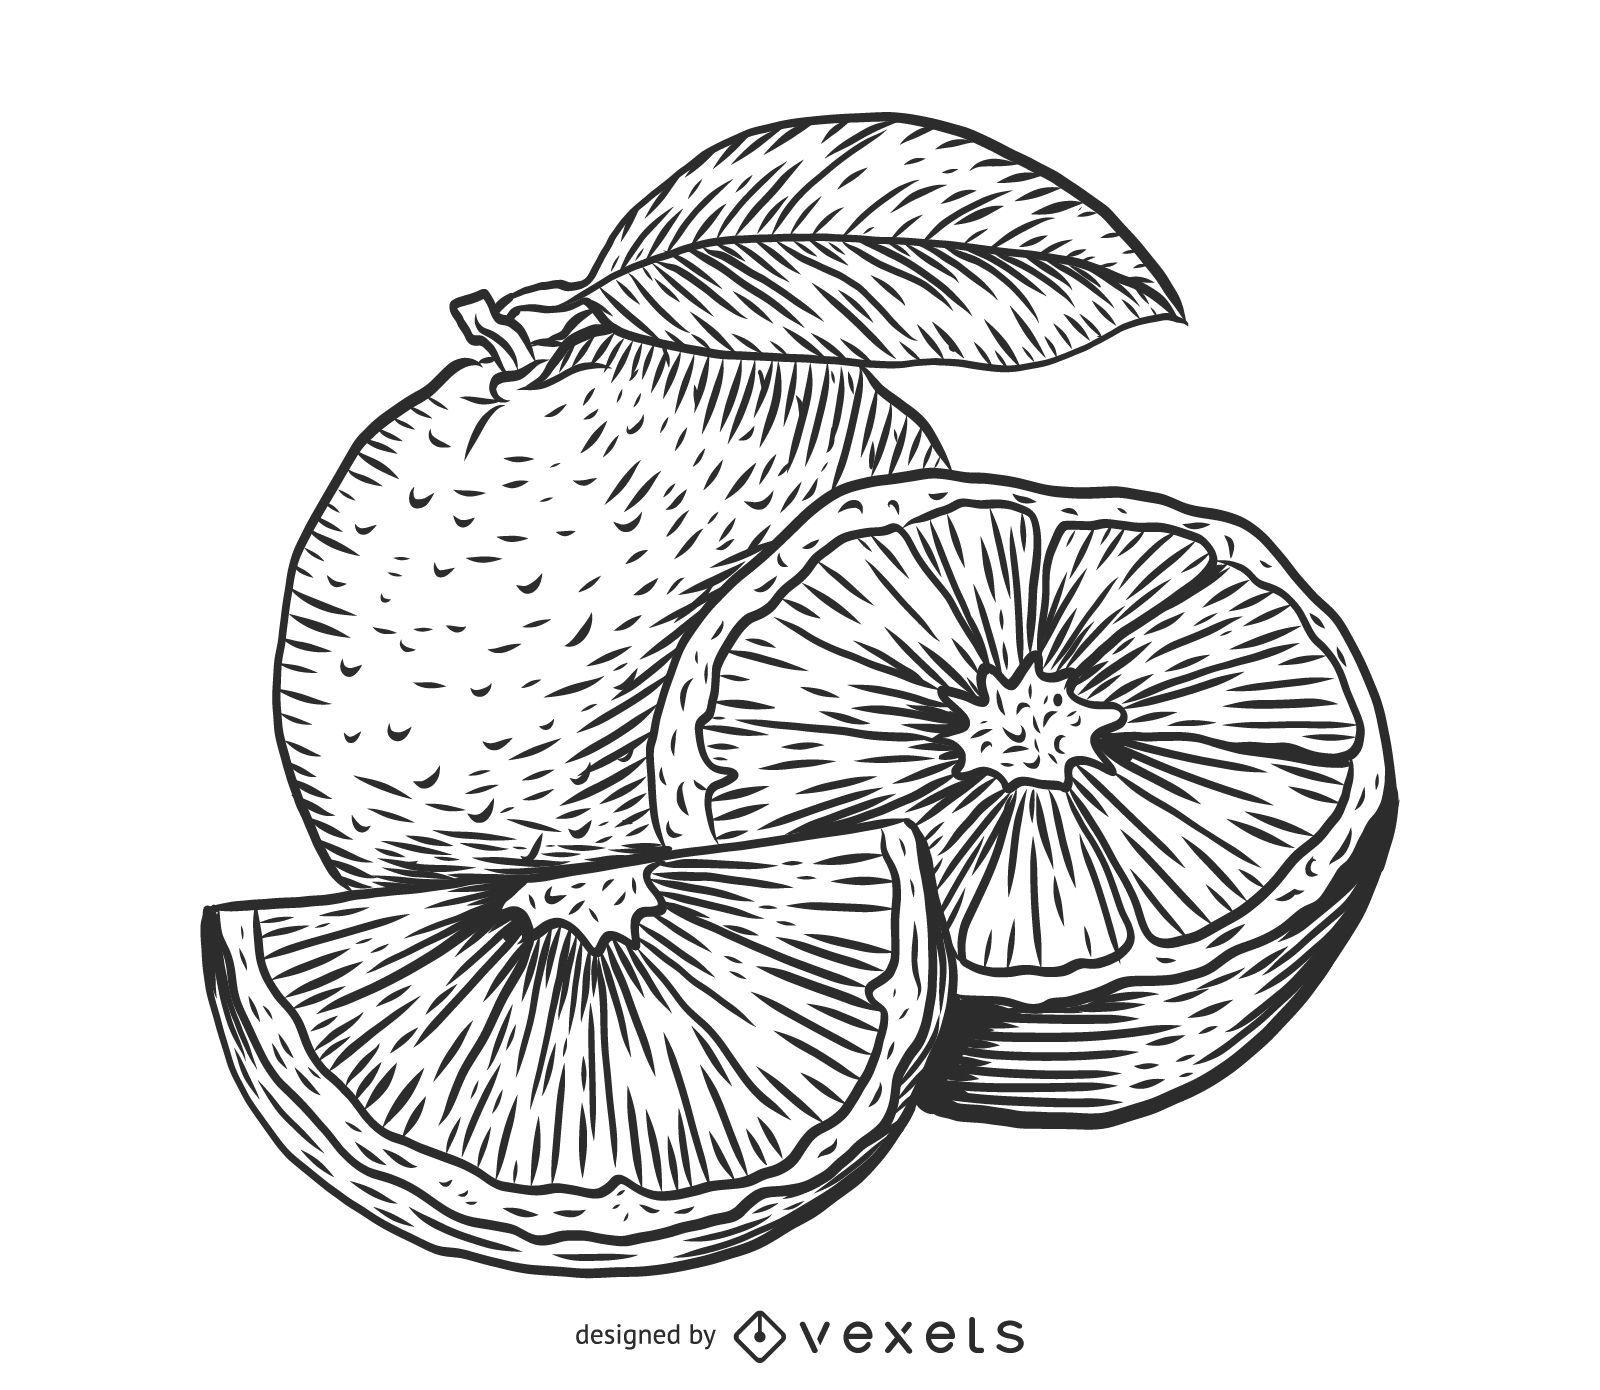 Dibujo de boceto naranja